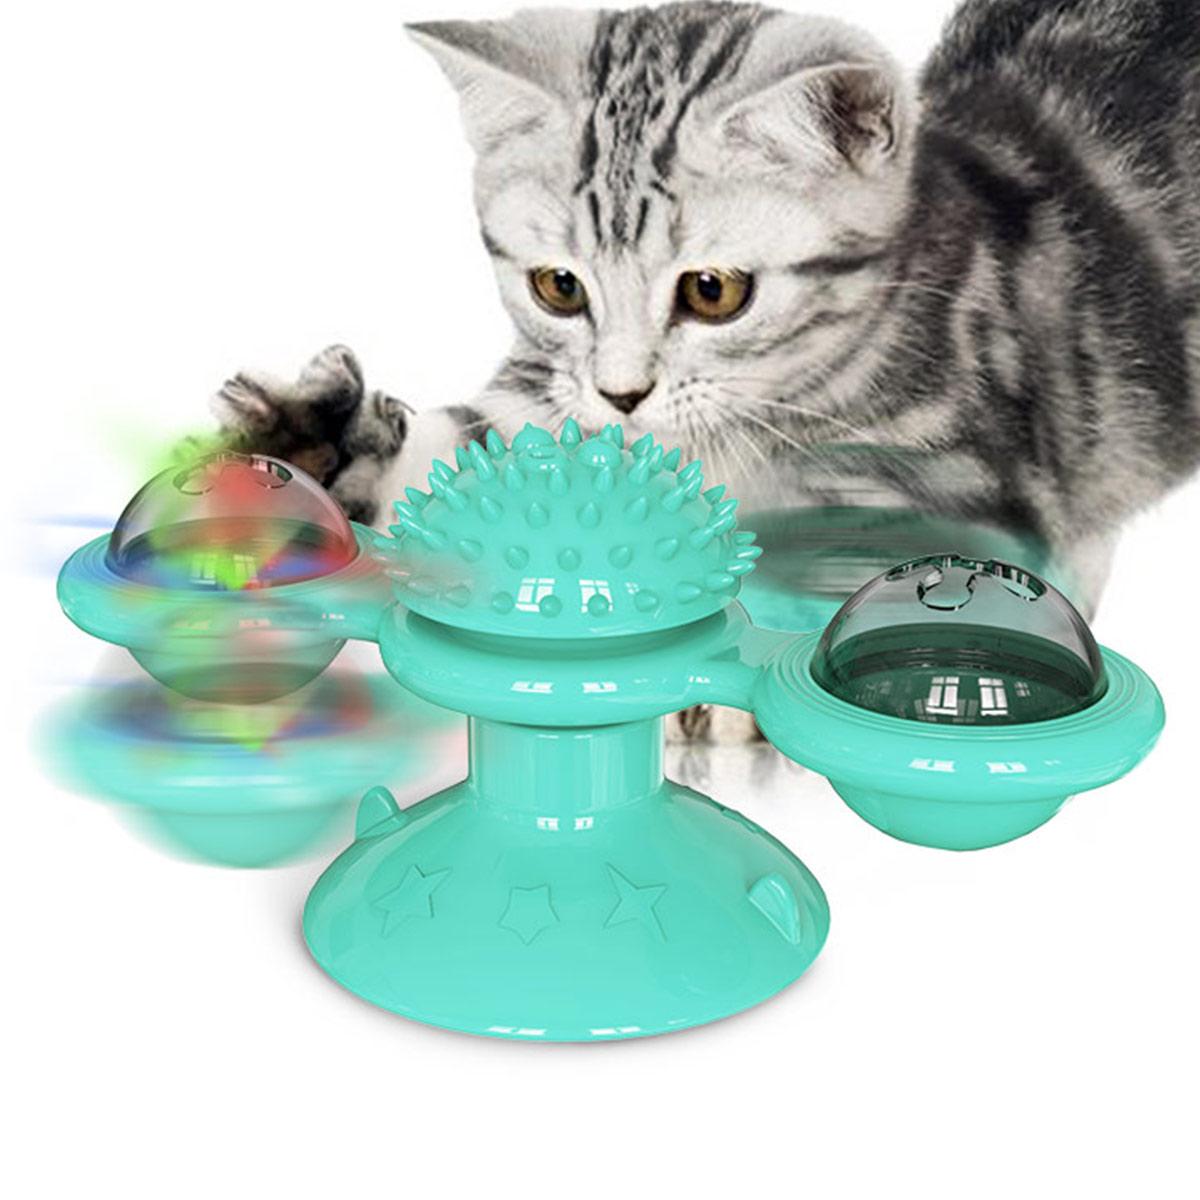 Brinquedo interativo do gato do cão de estimação moinho de vento rotativa plataforma giratória provocando tickling brinquedo educacional treinamento do gato e do cão com bola luminosa